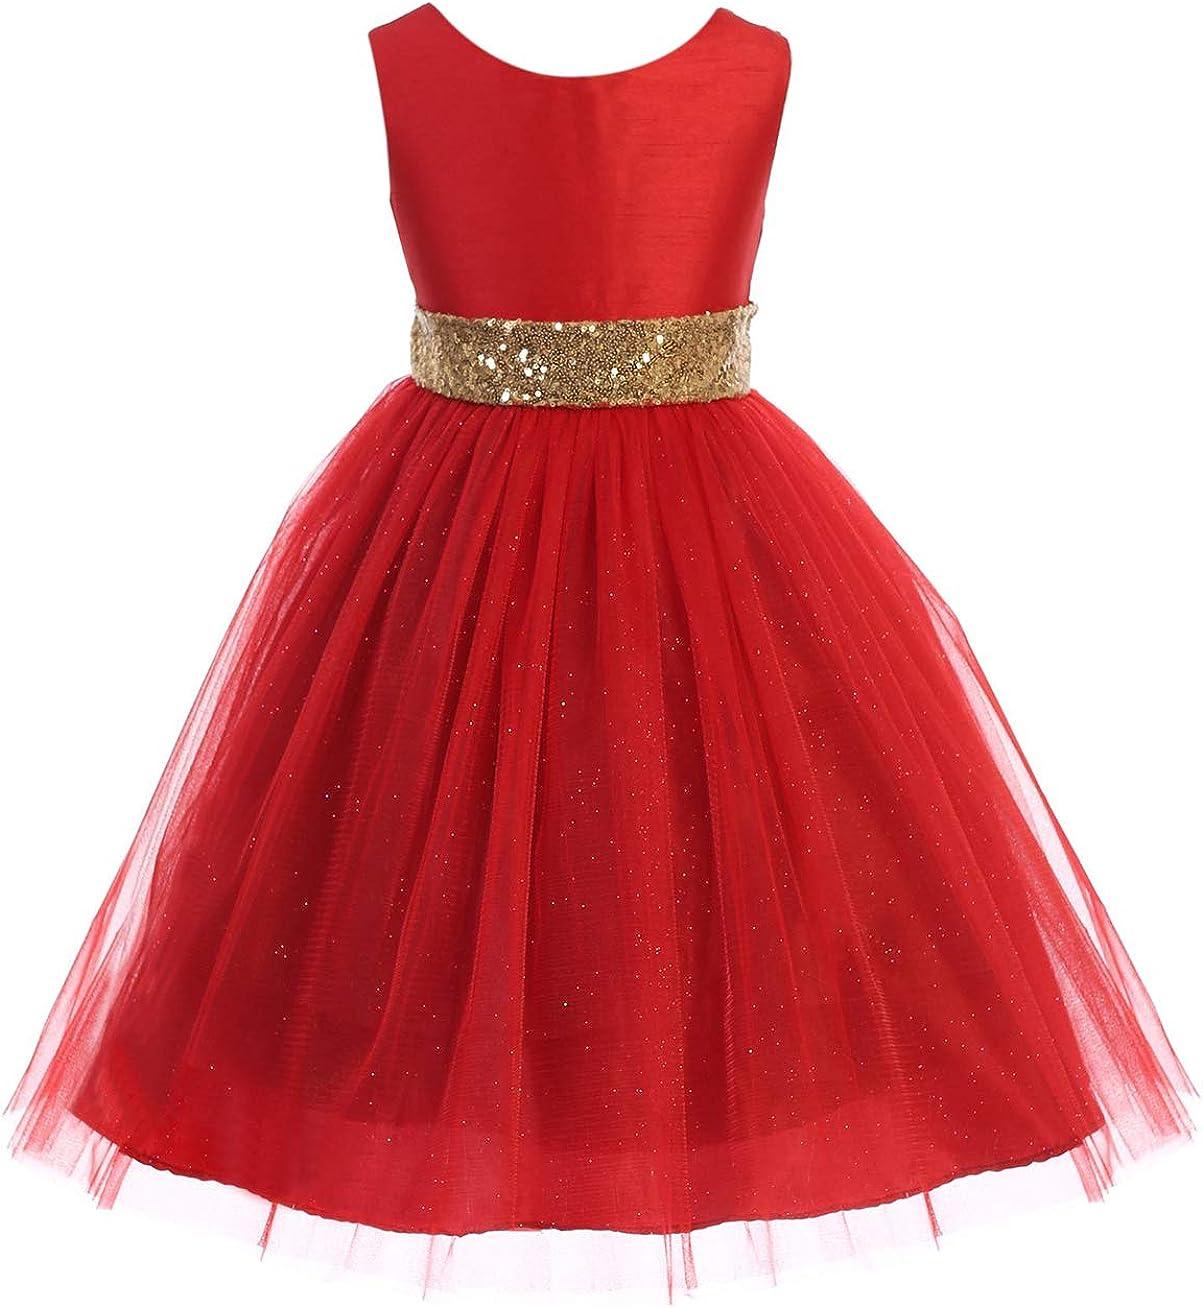 Little Girls Sleeveless Tulle Holiday Christmas Thanksgiving Flower Girl Dress